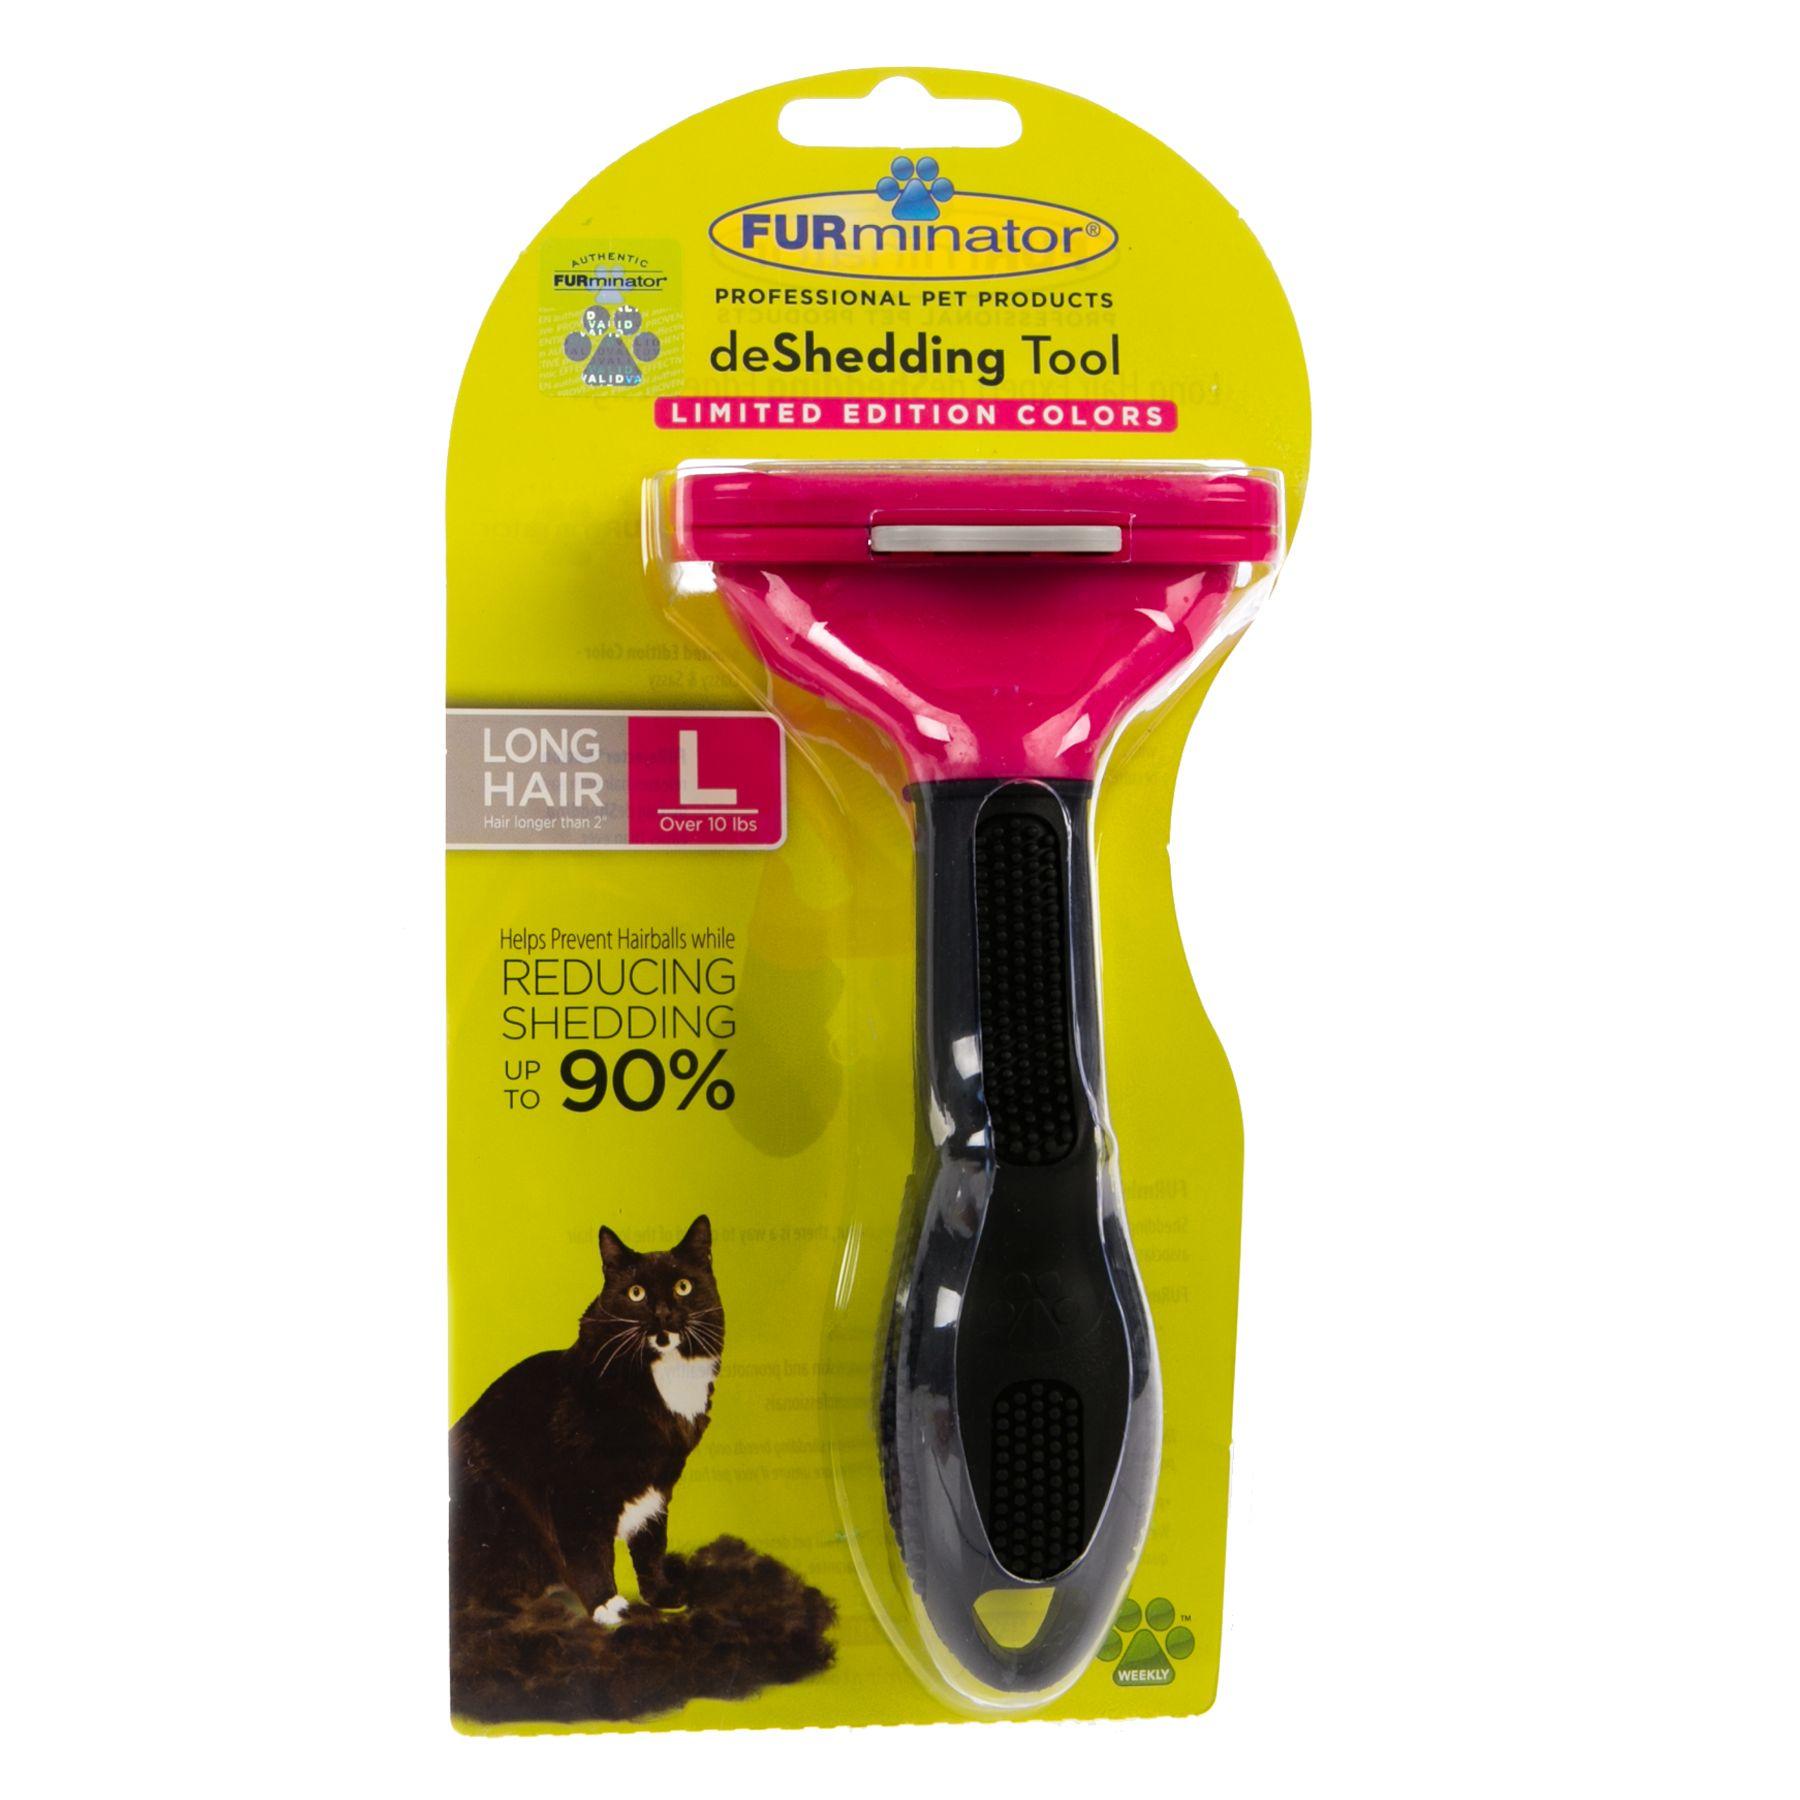 FURminator deShedding Long Haired Cat Tool size: Large 5238723